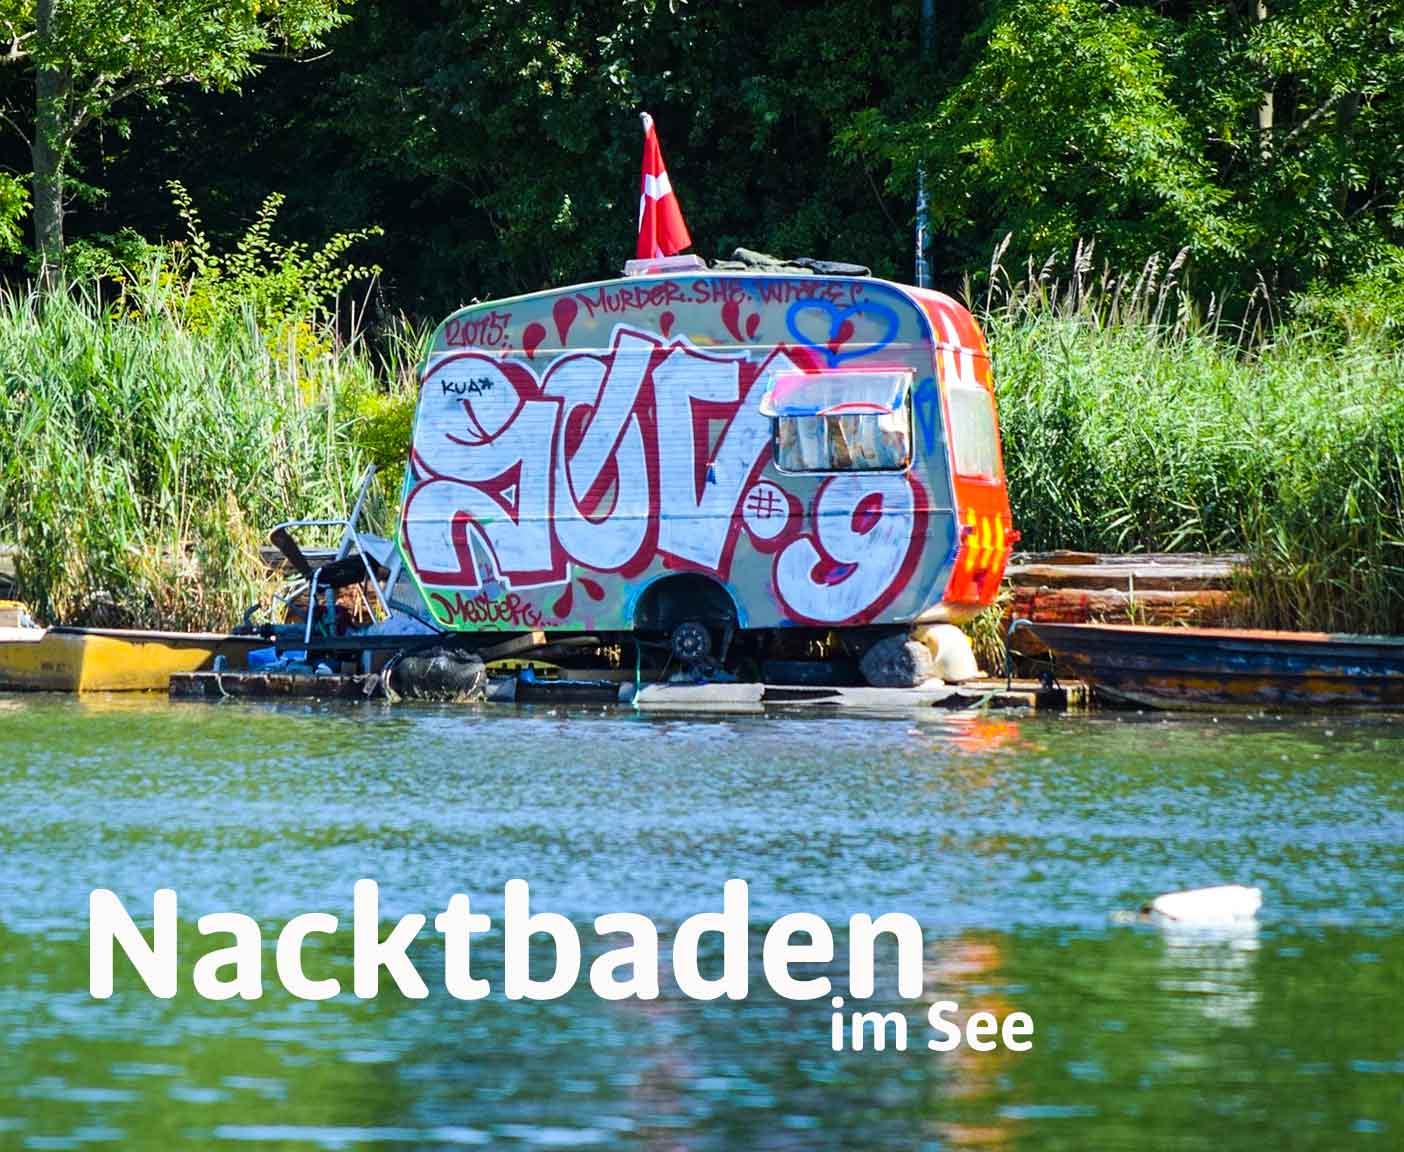 FKK-Camping geschädigter Wohnwagen mit Graffiti steht an einem See, Dänemarkflagge, hohe Wiese, Wald,  PaulCamper